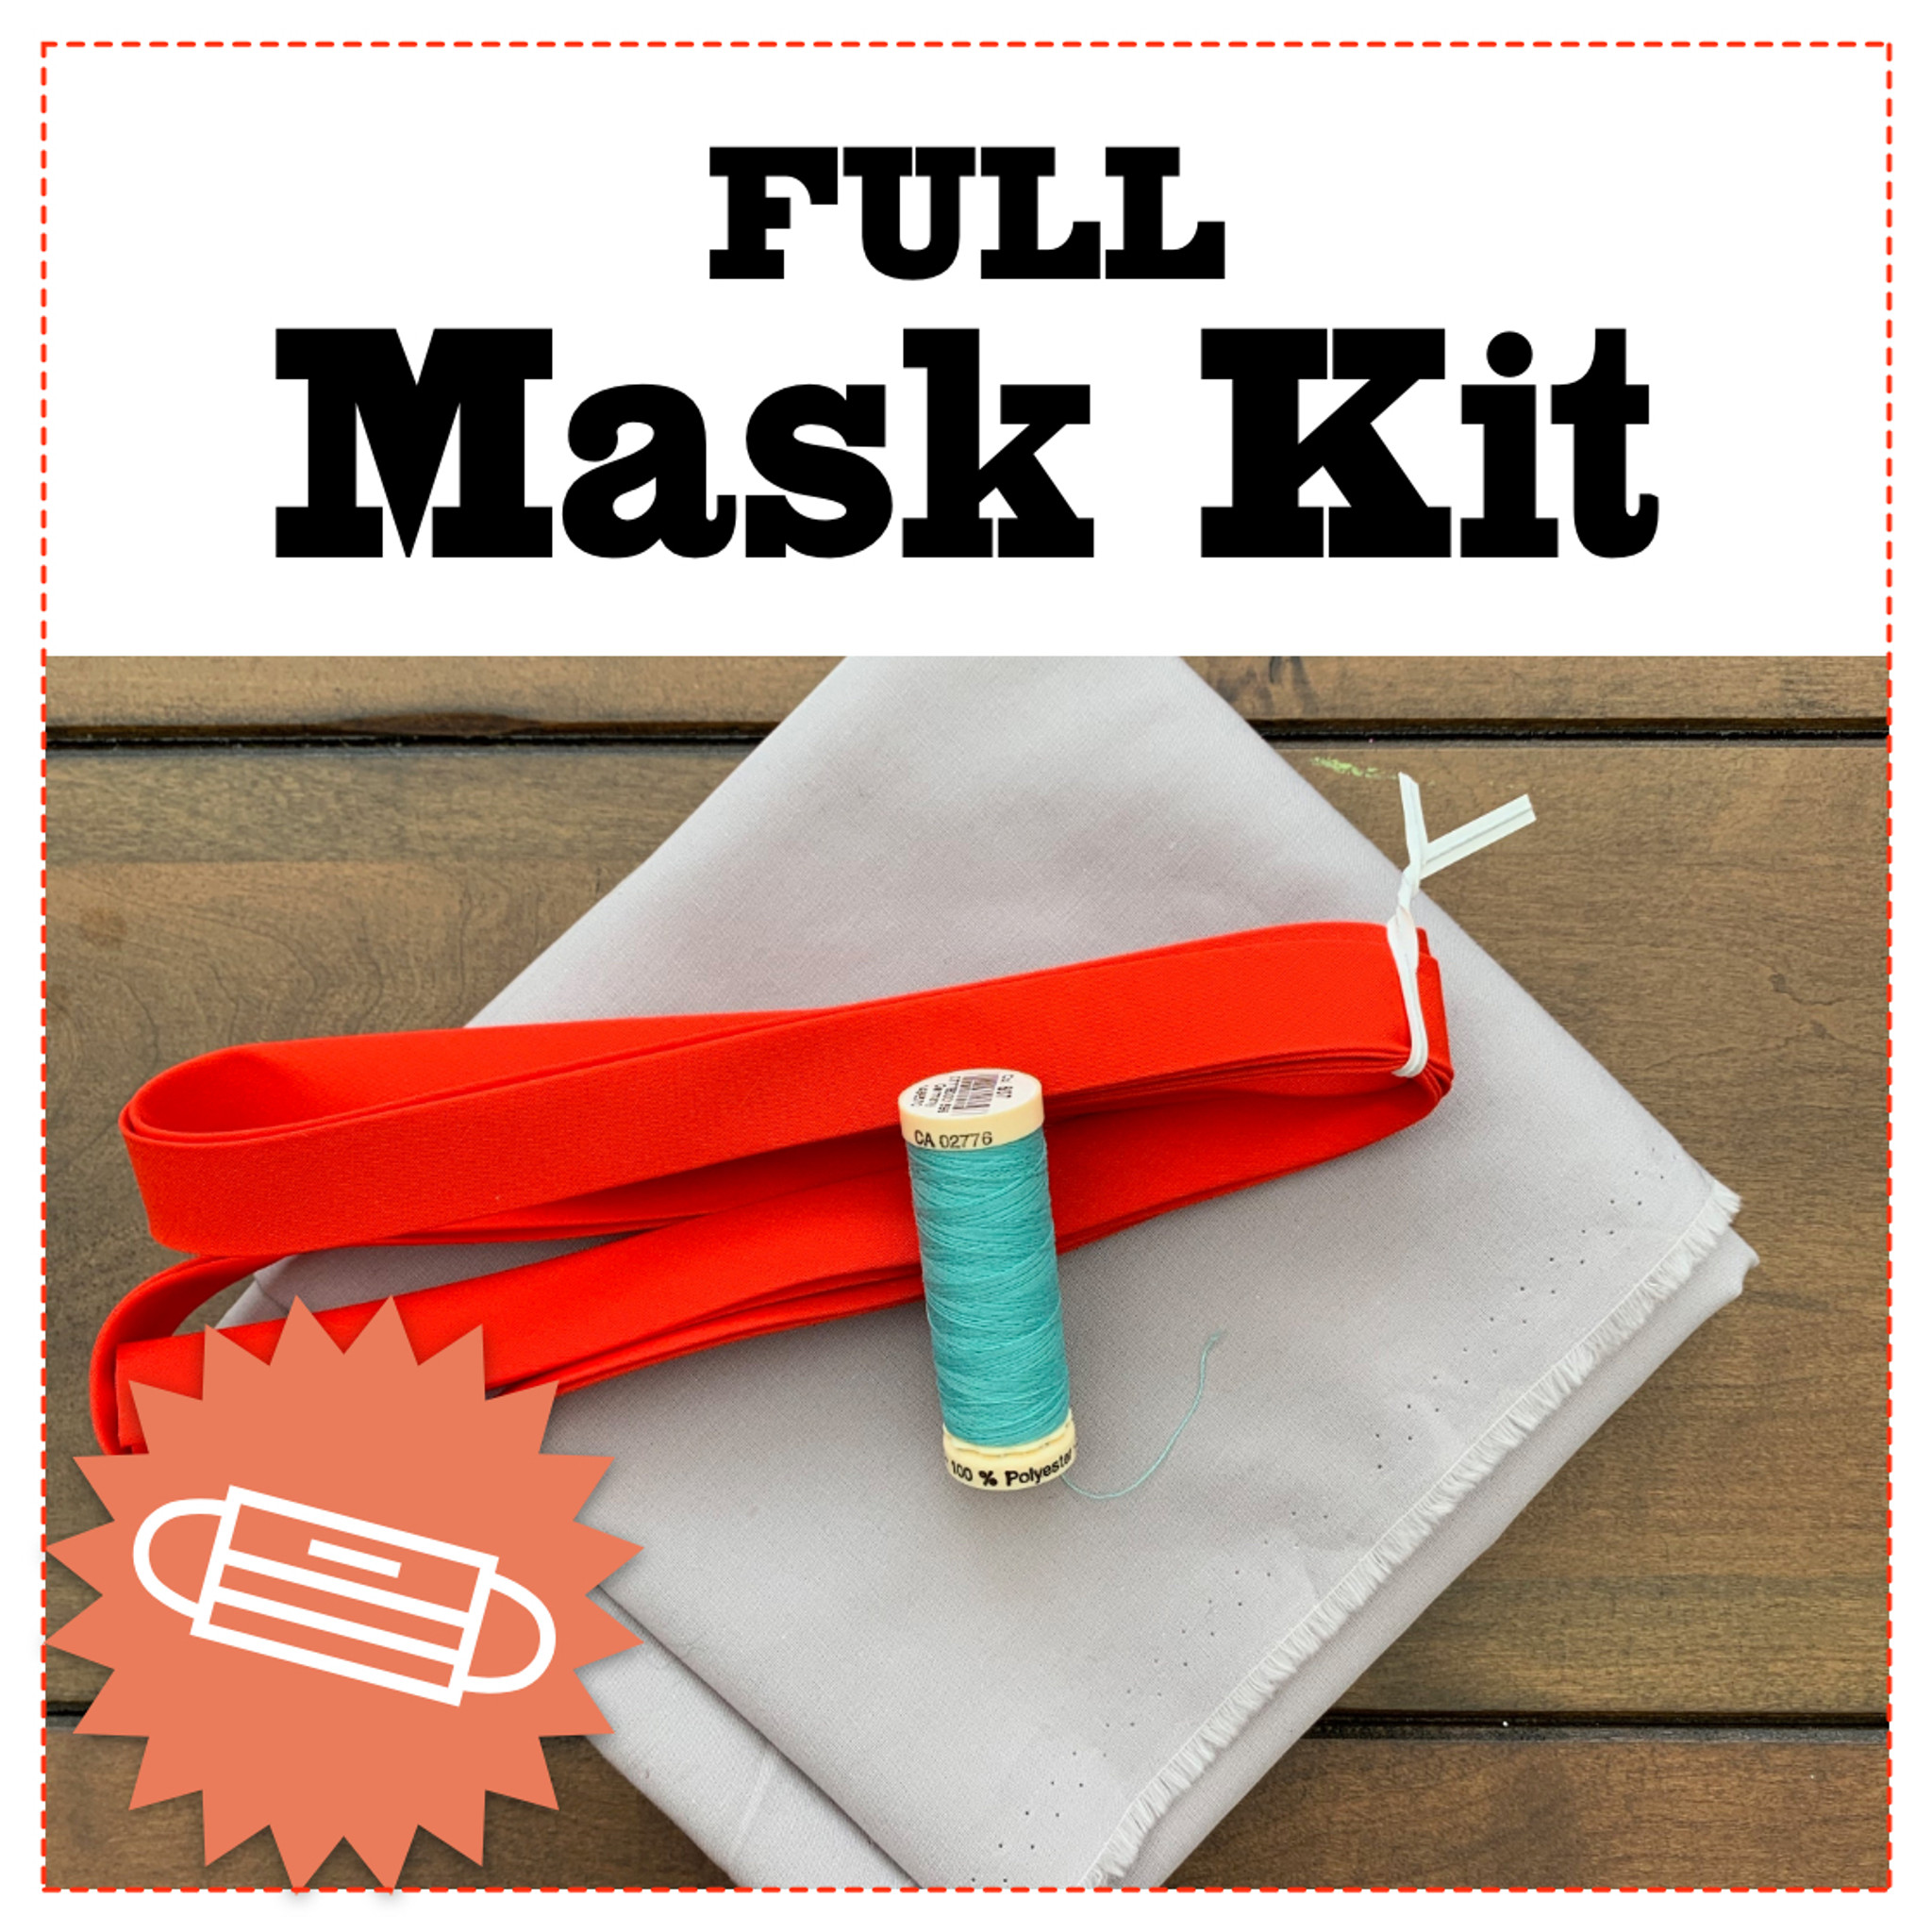 Full Mask Kit